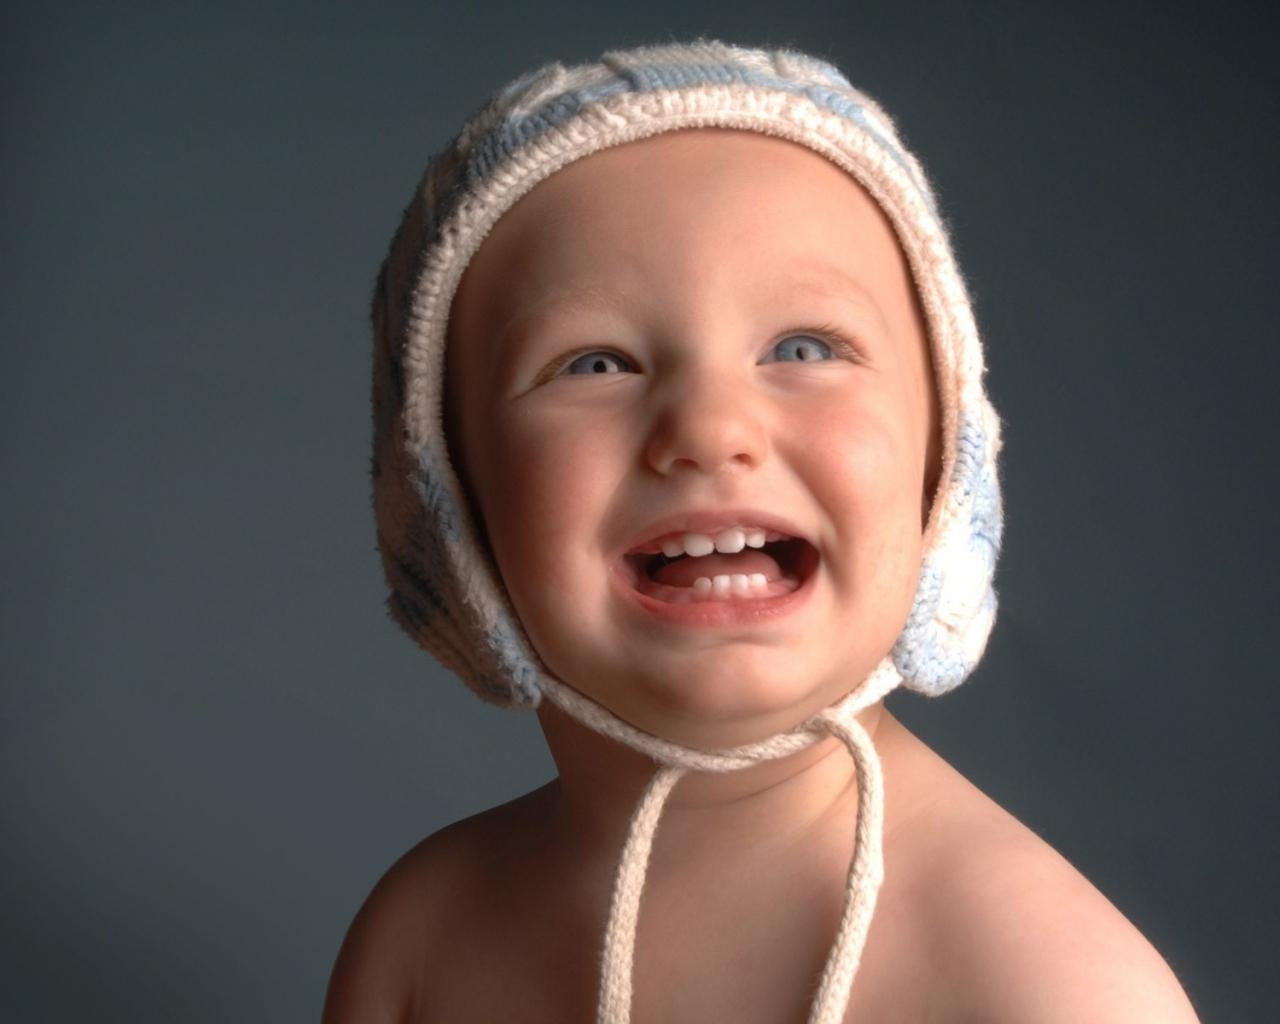 Ребенок по фото без смс